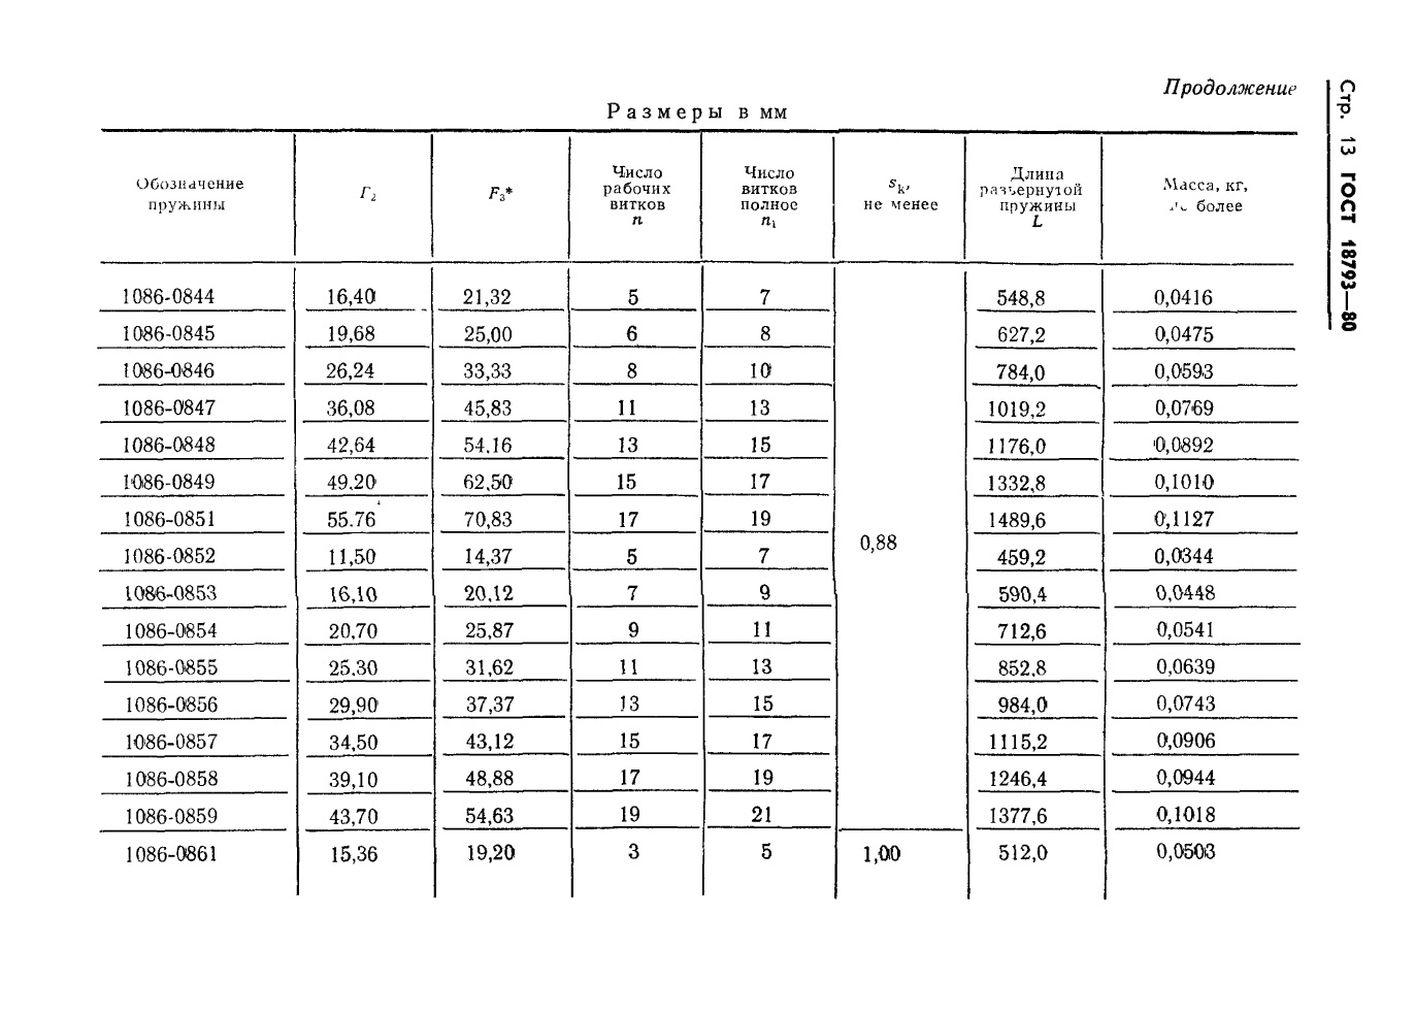 Пружины сжатия ГОСТ 18793-80 стр.13